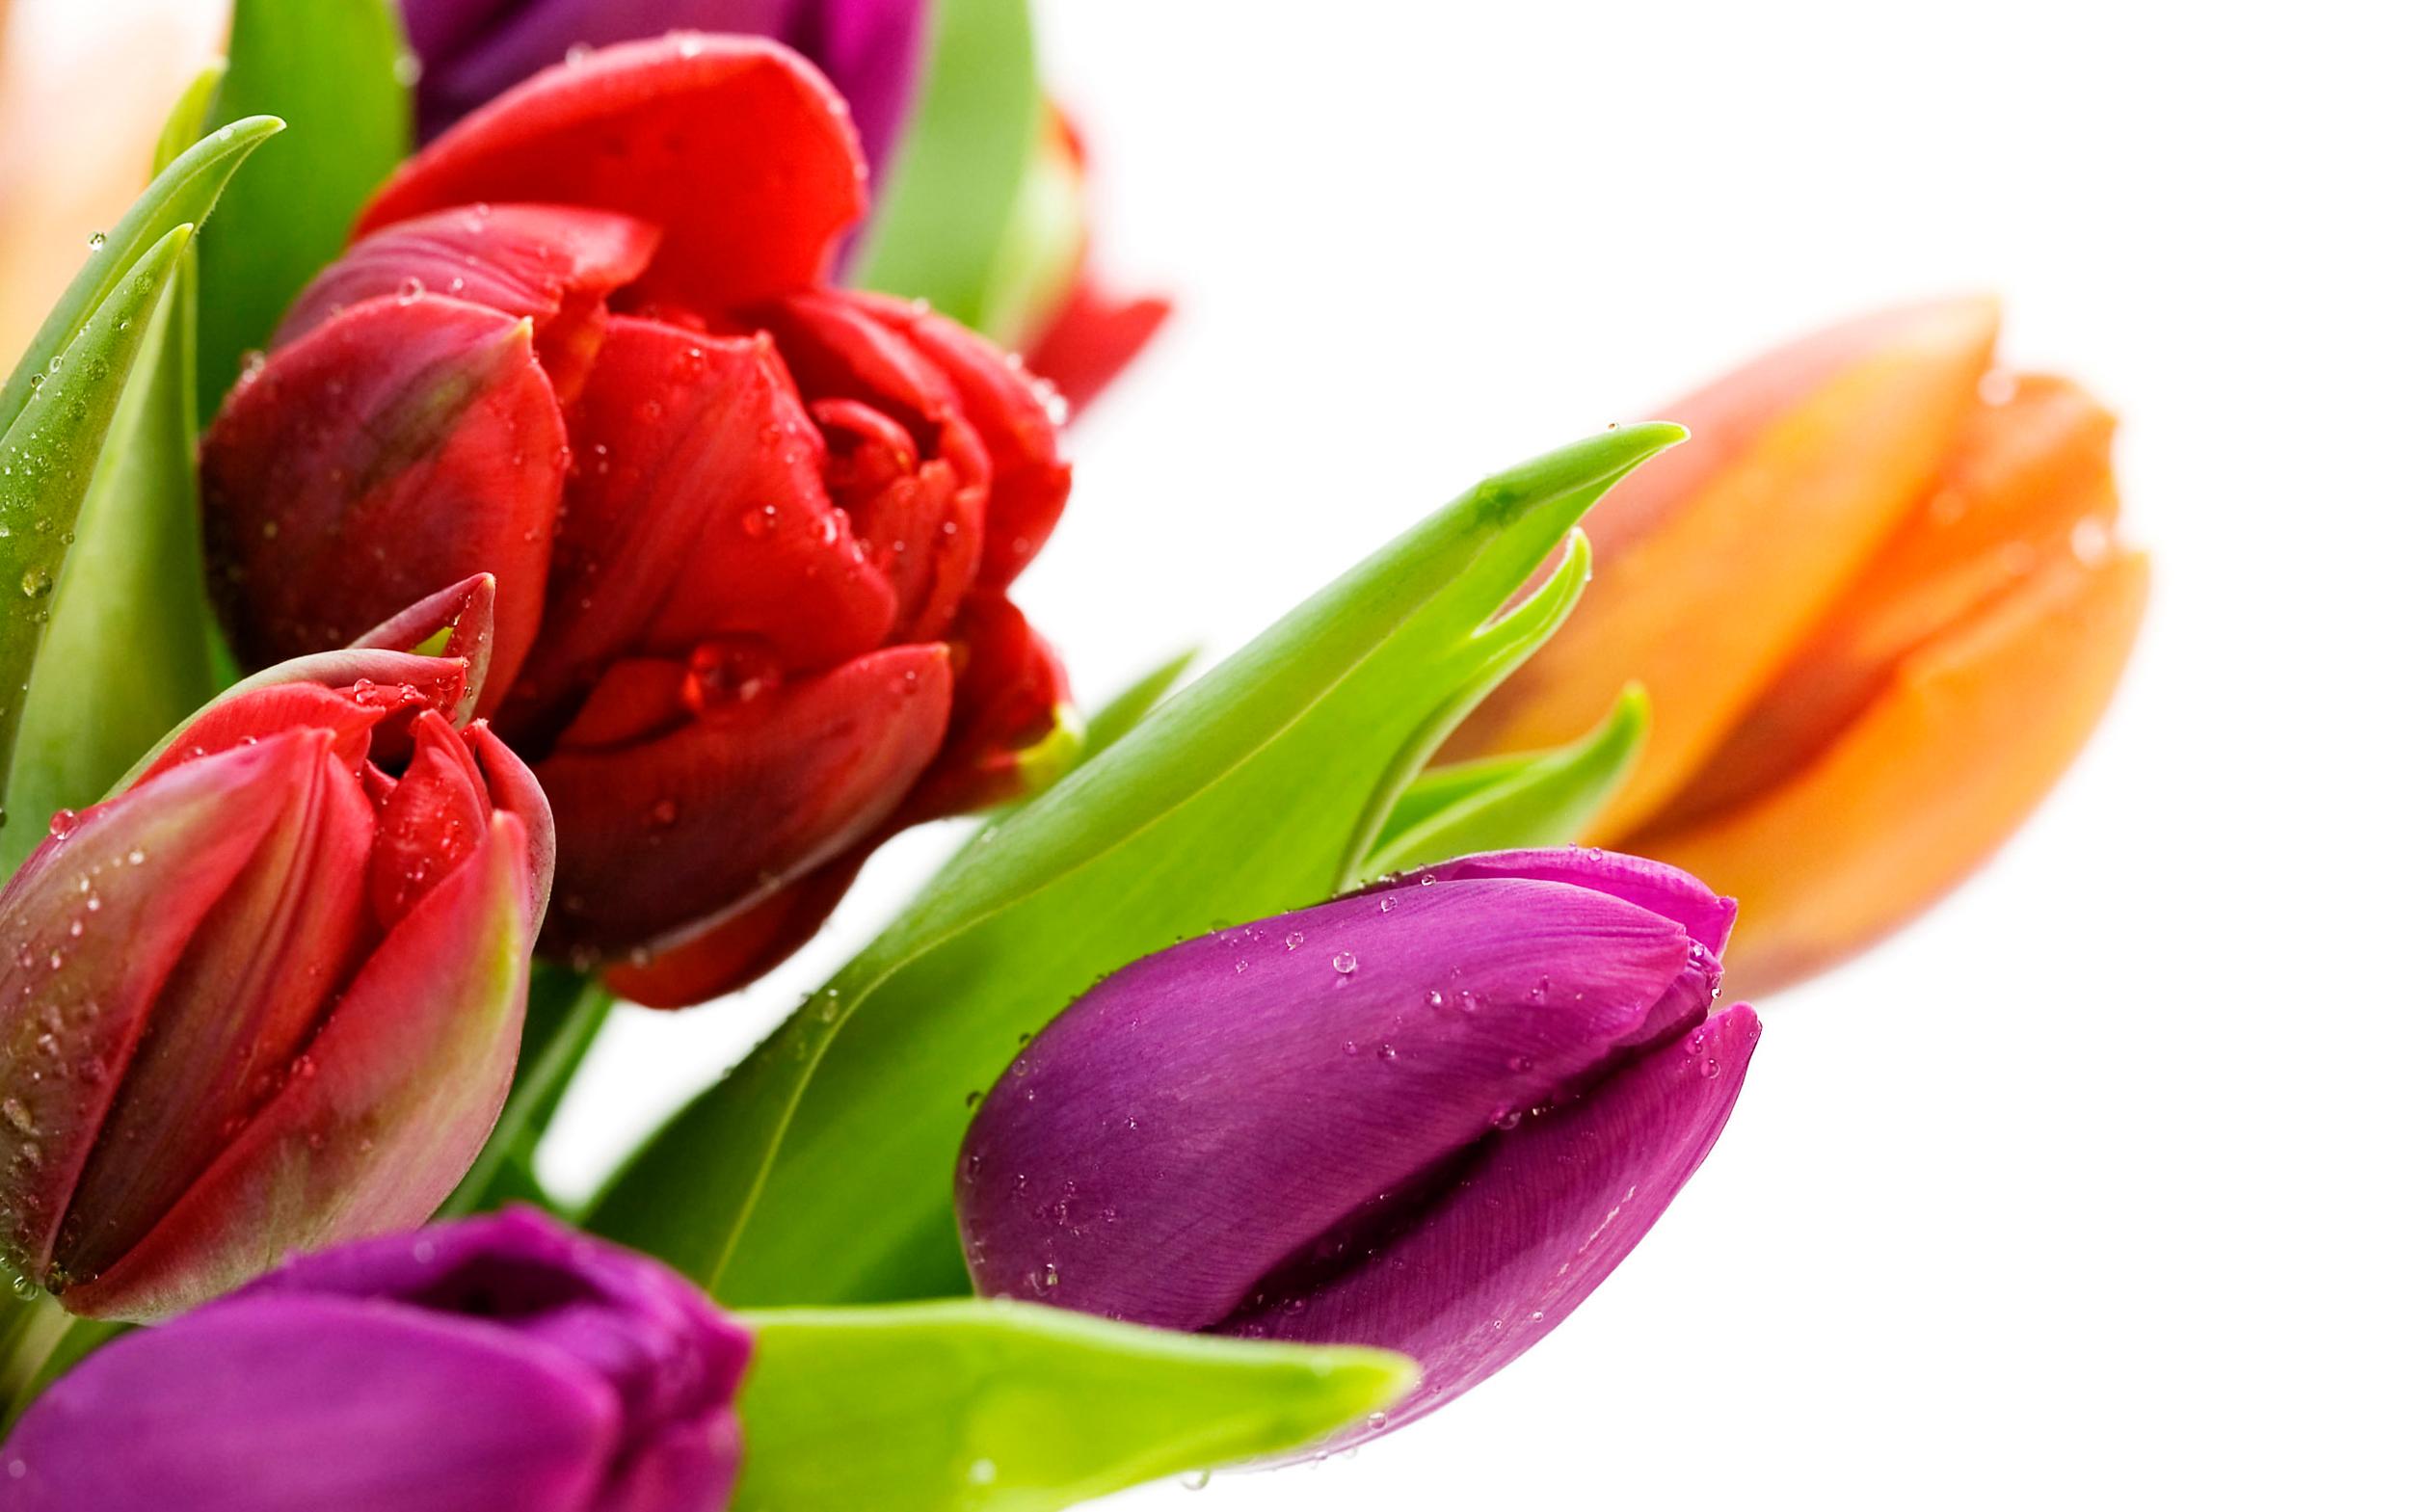 tulip-photo-141